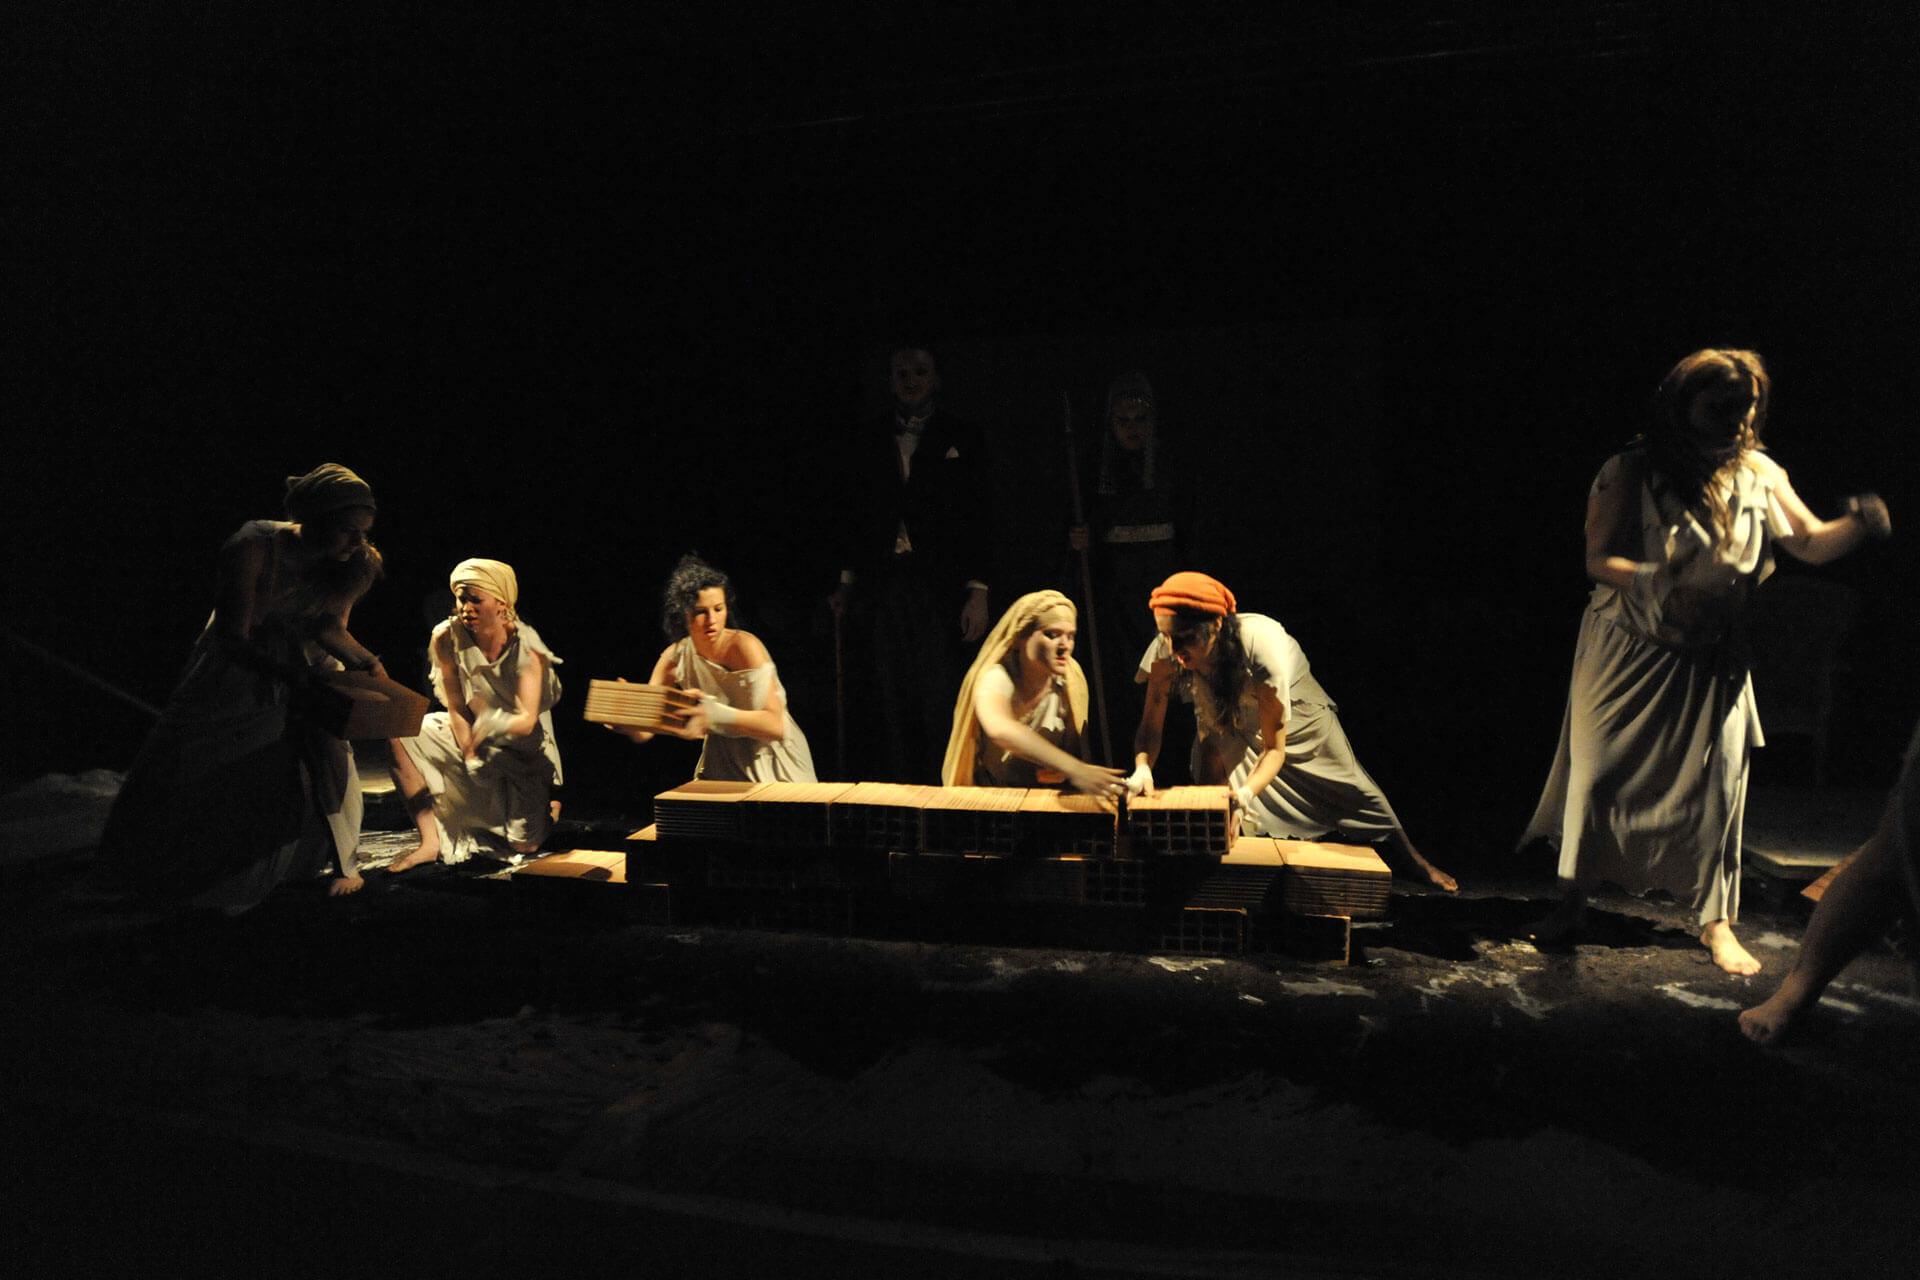 scuola-di-teatro-colli-troiane-baccanti-2010-4